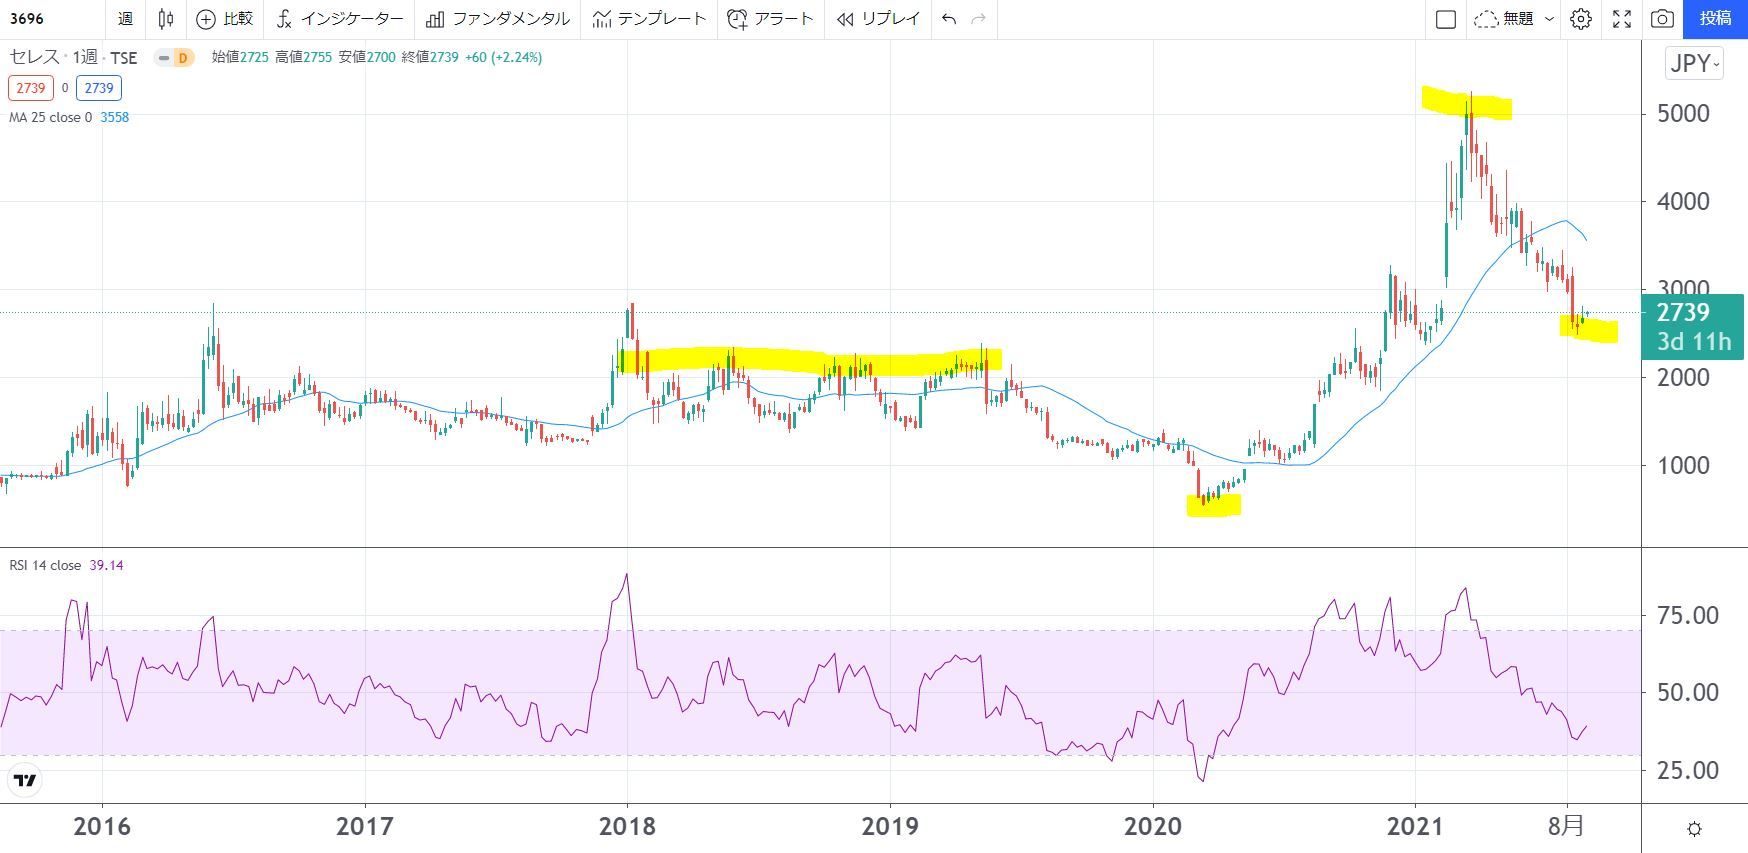 5年株価チャート-セレス-3696